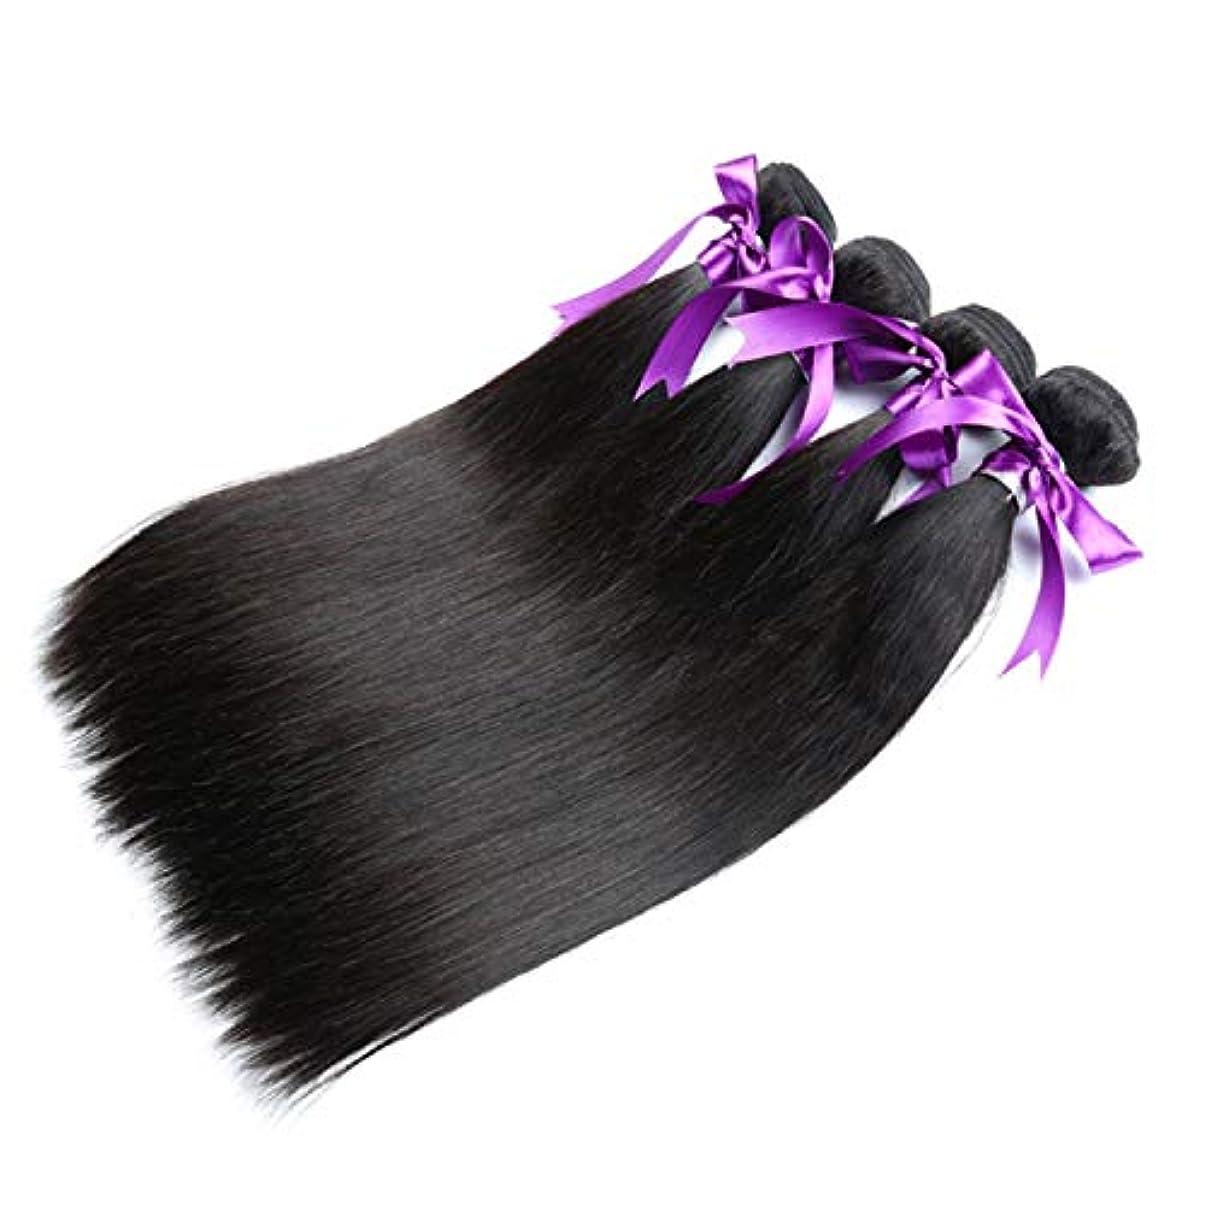 発行する安全性香ばしいペルーのストレートヘア4本の人間の髪の毛の束非レミーの毛の延長ナチュラルブラック (Length : 8 8 10 10)